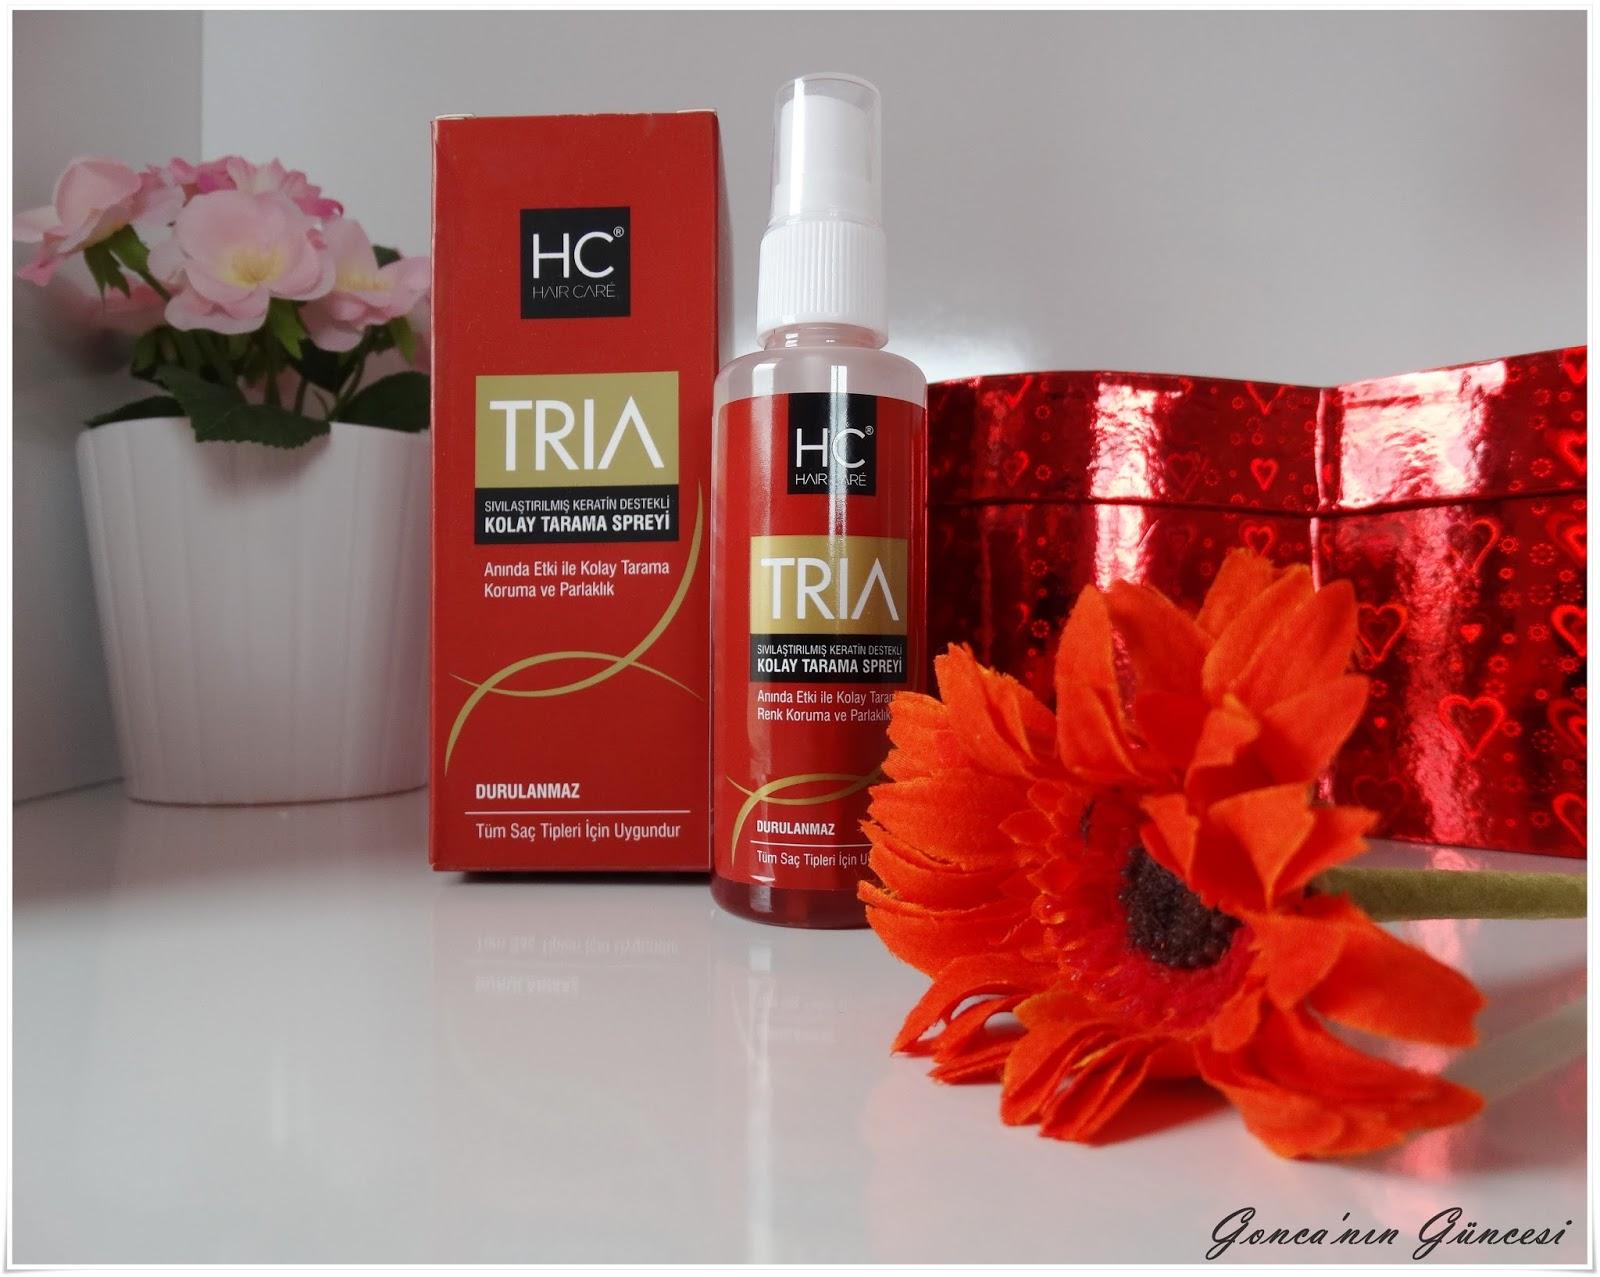 hc hair care, hc saç bakım ürünleri